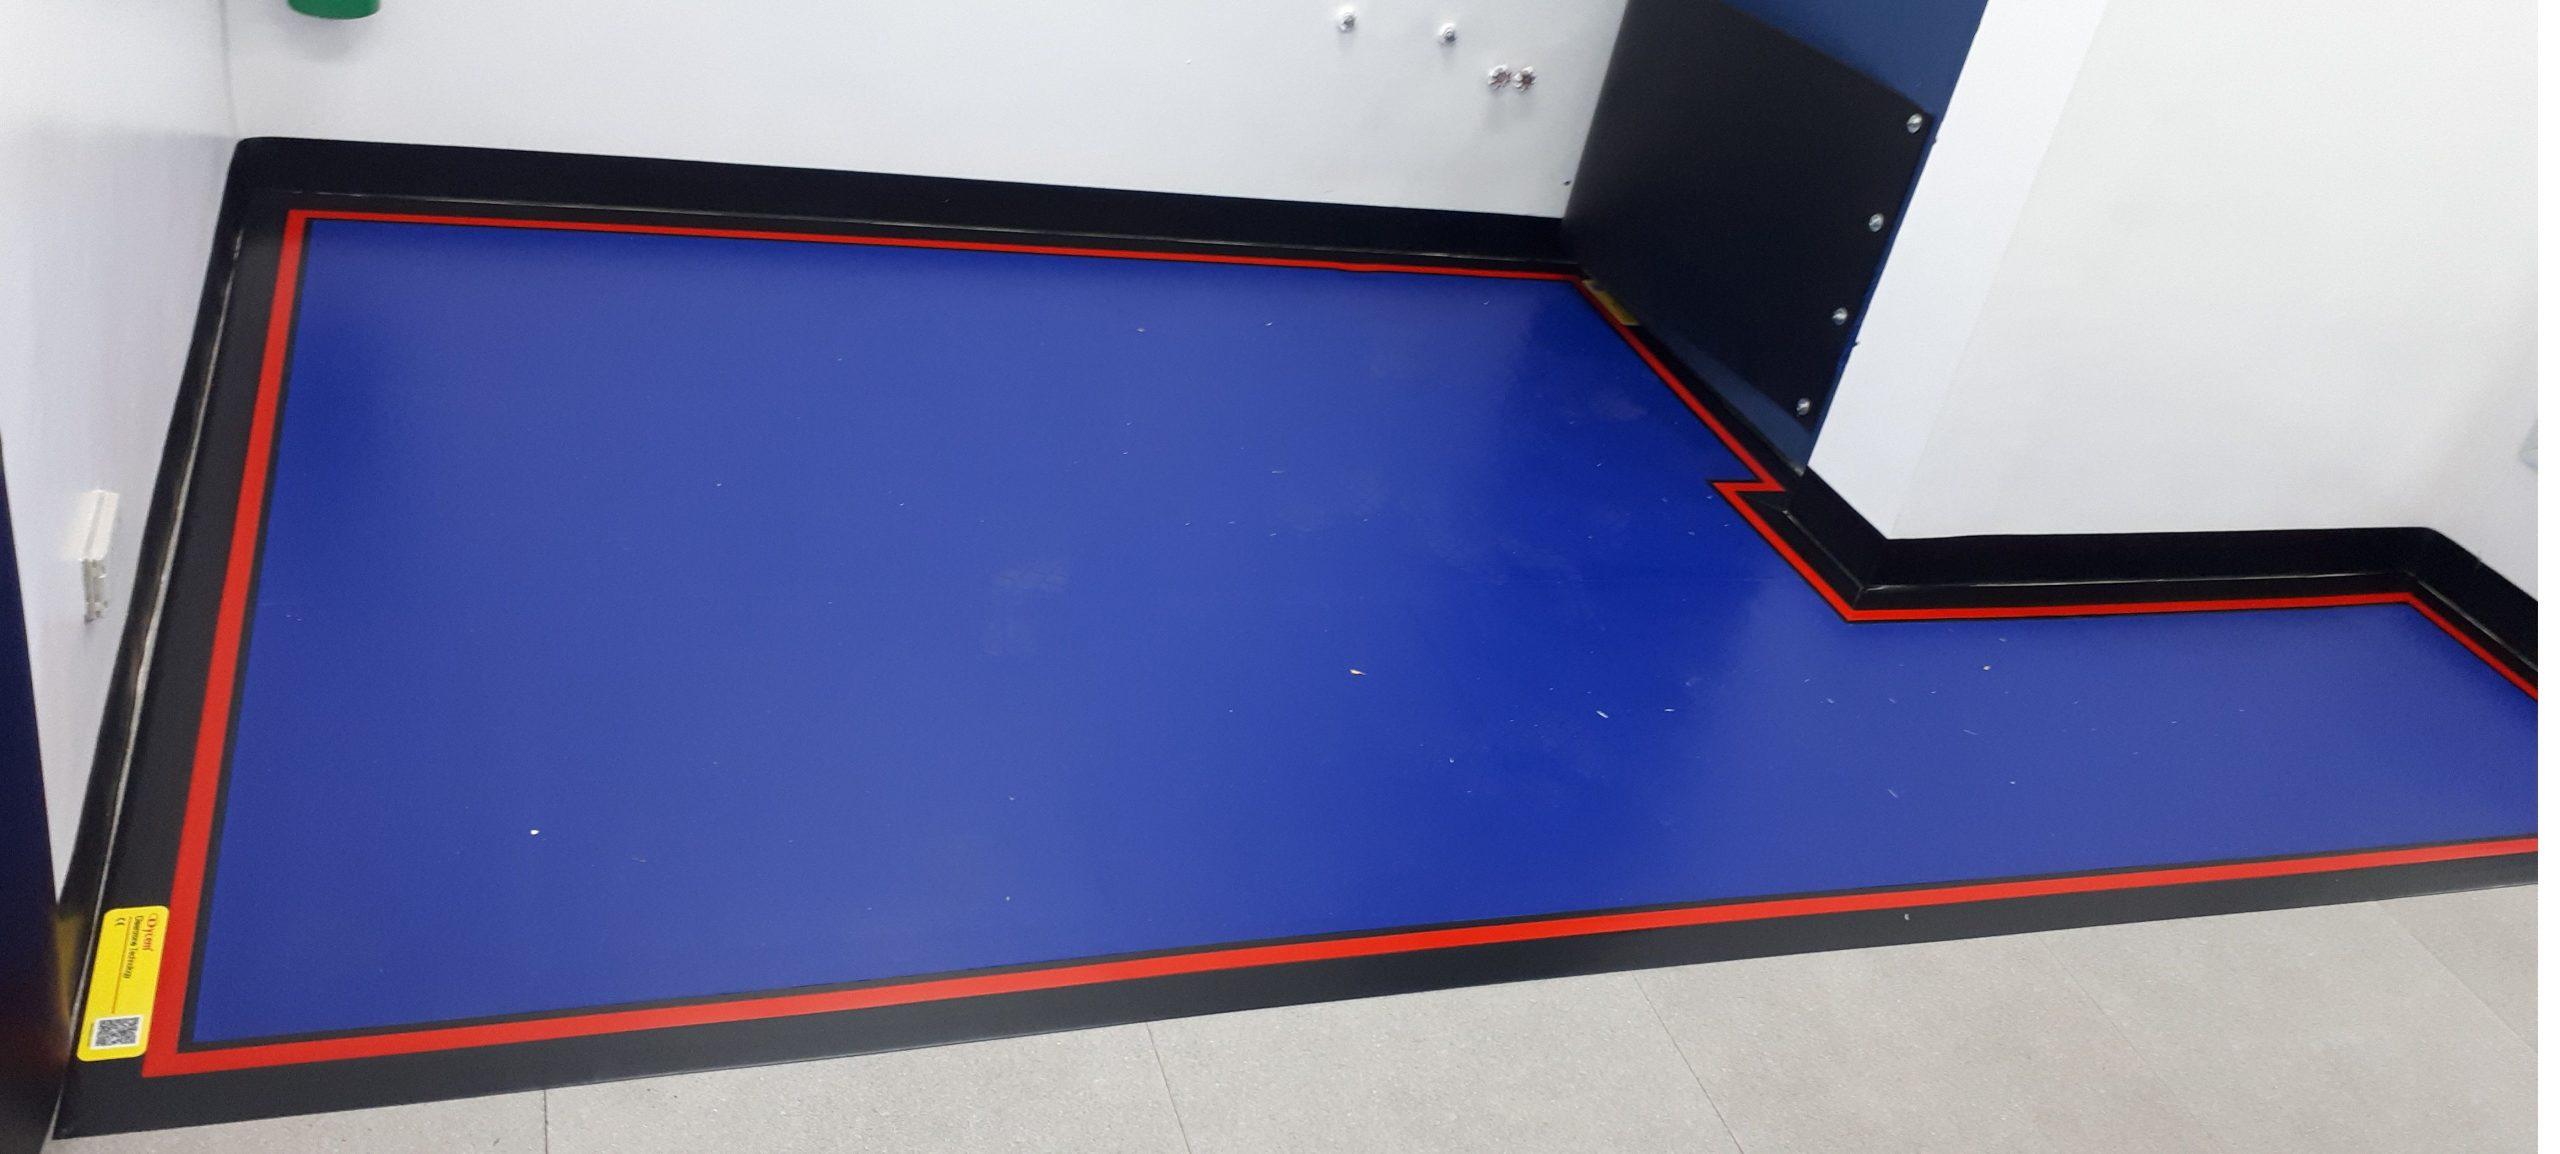 Cleanroom image